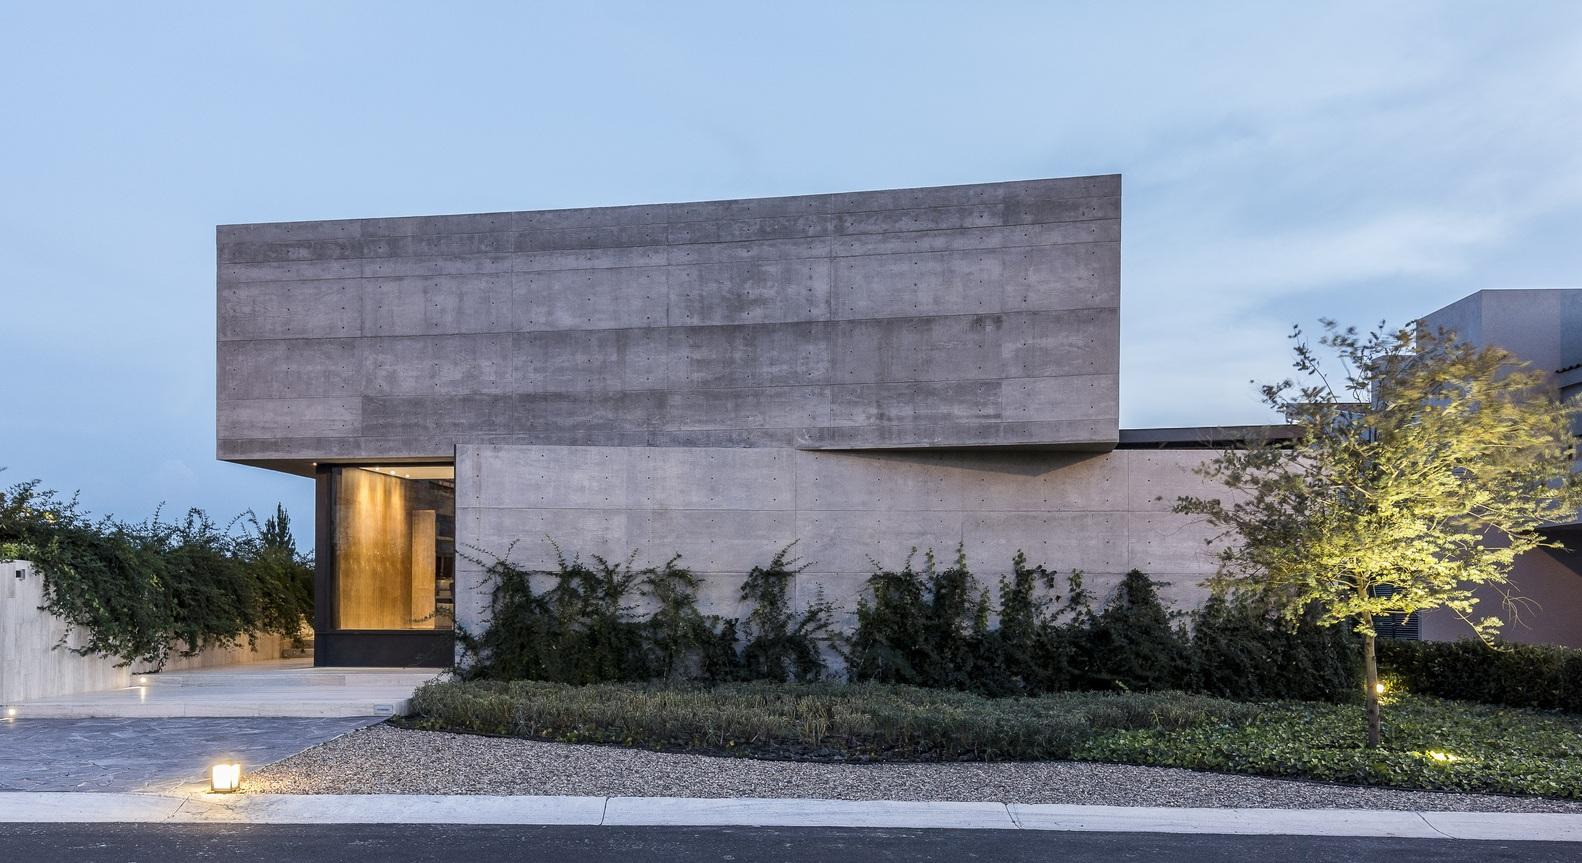 Coffee Break | The Italian Way of Design: Architettura introversa in Messico